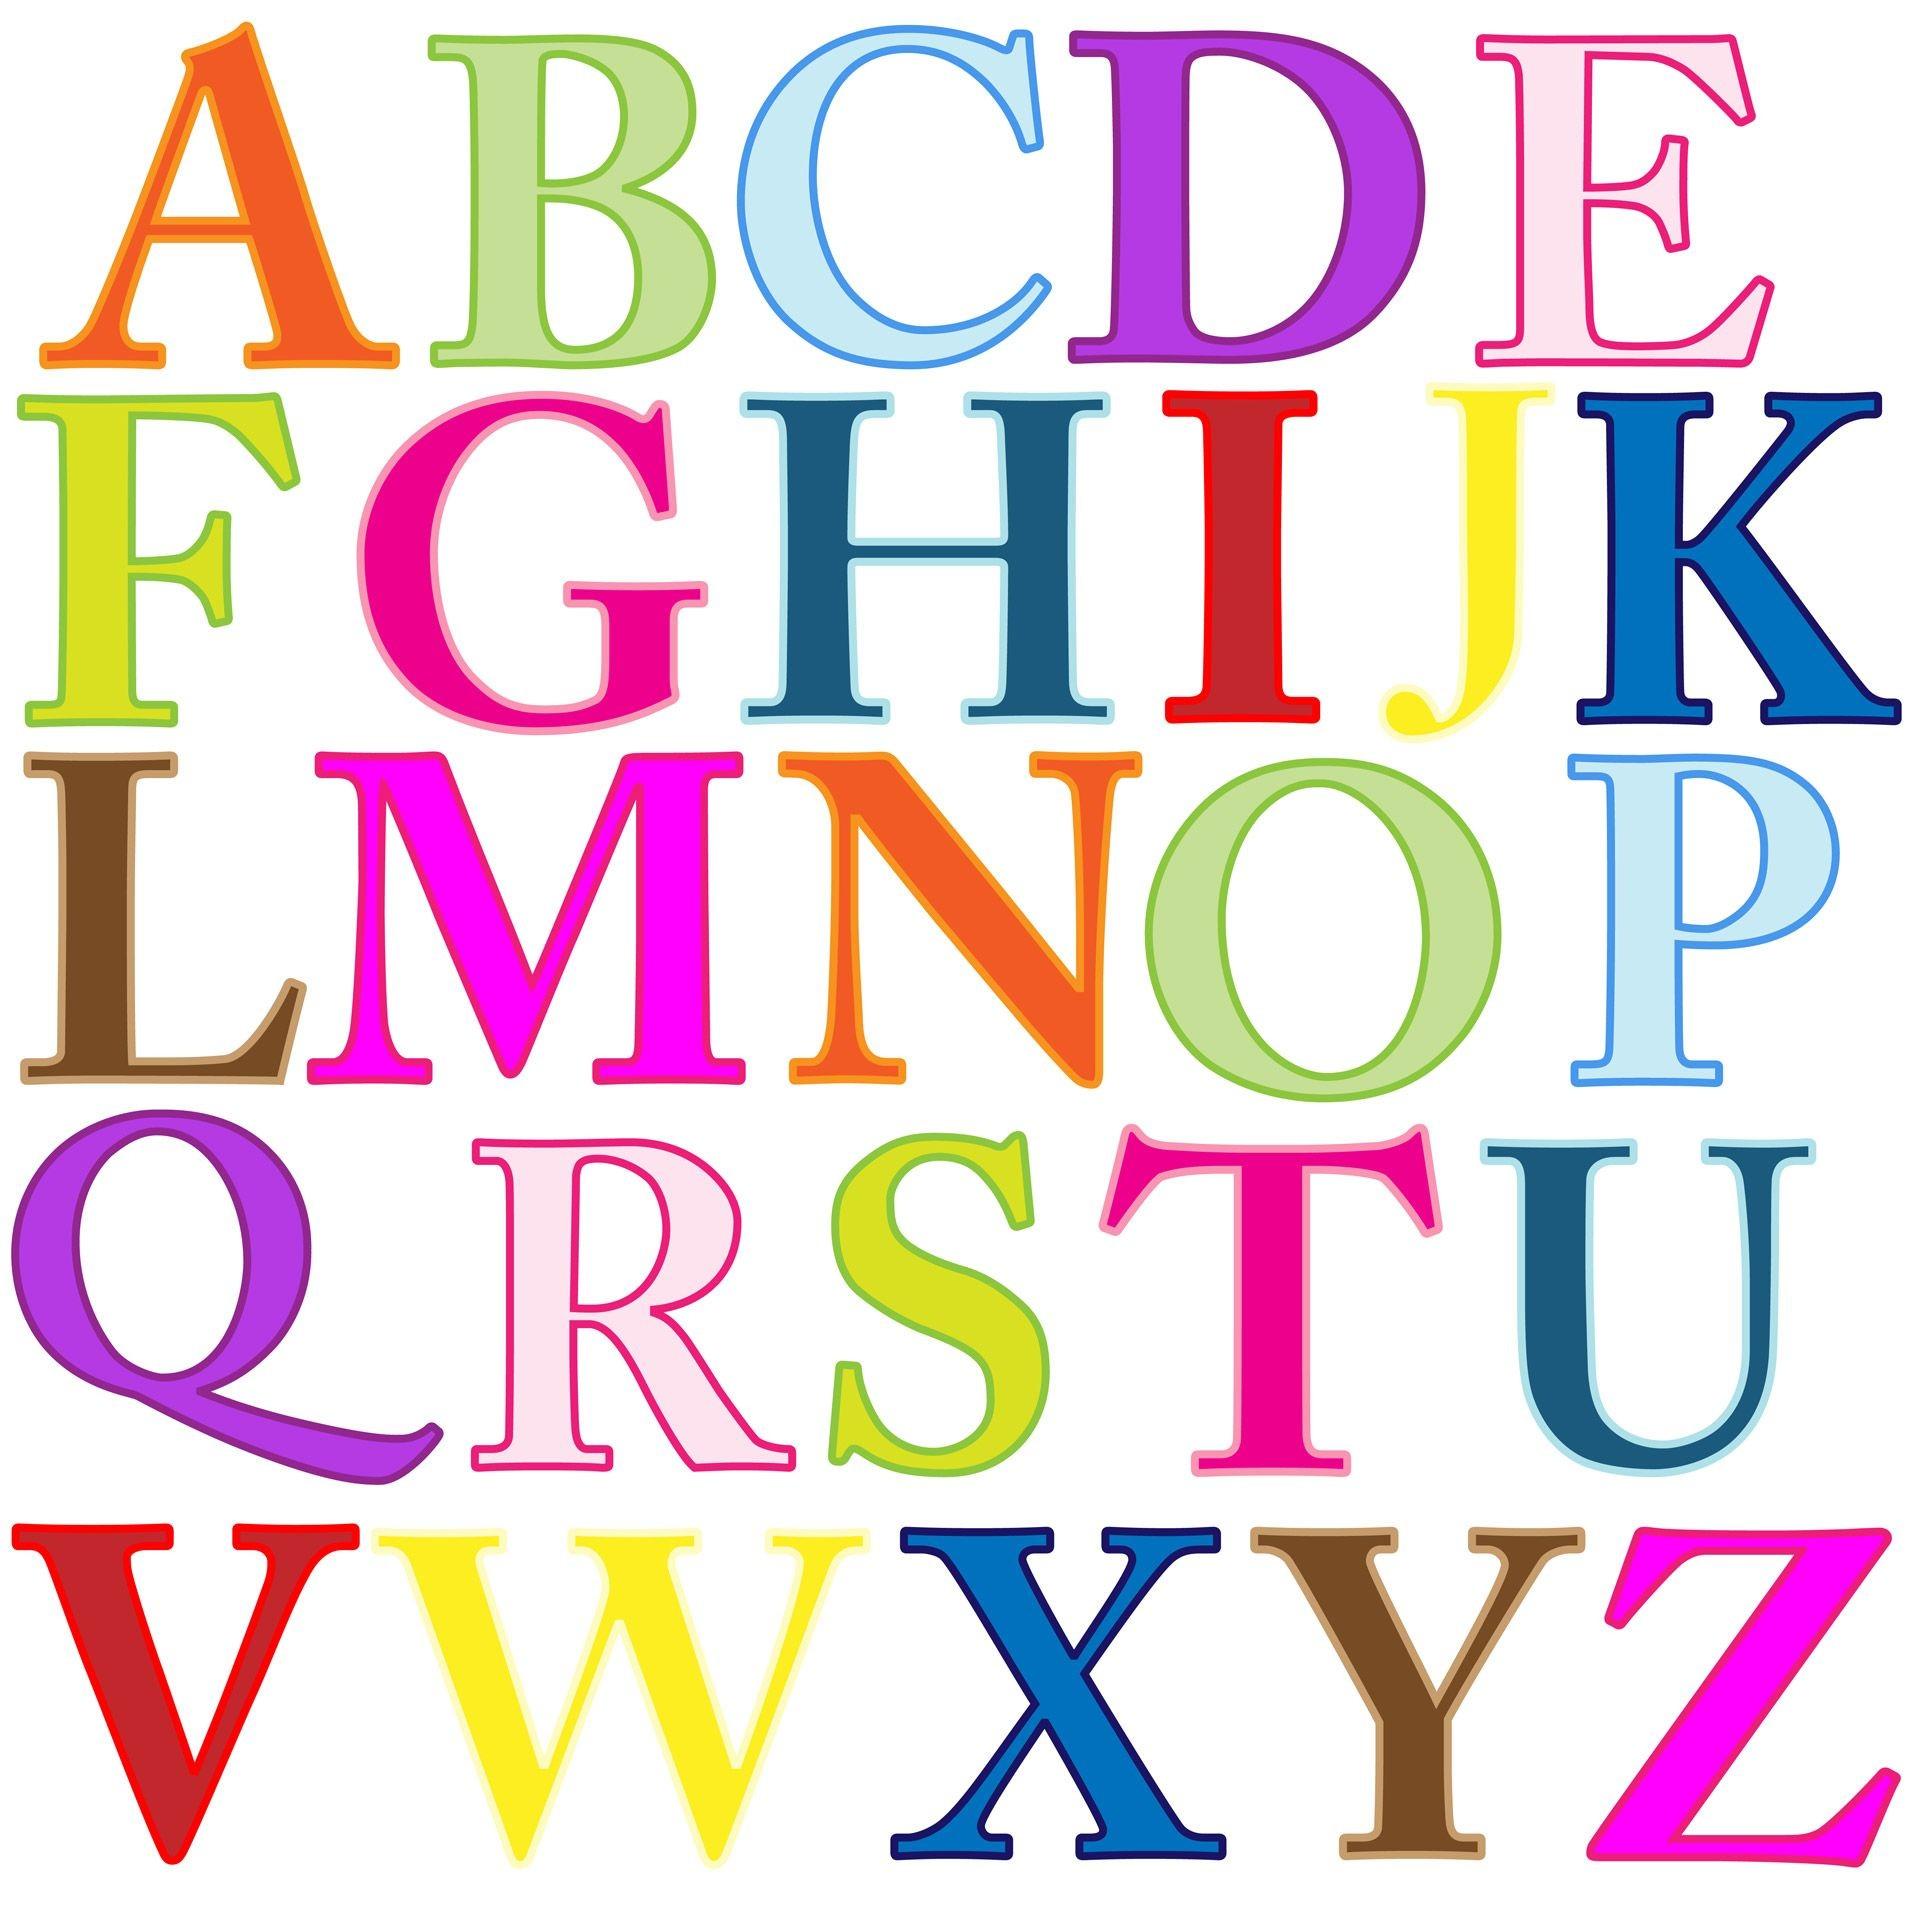 1920x1920 Alphabets Clipart Copy Polka Dot Lowercase Alphabet Clip Art Set